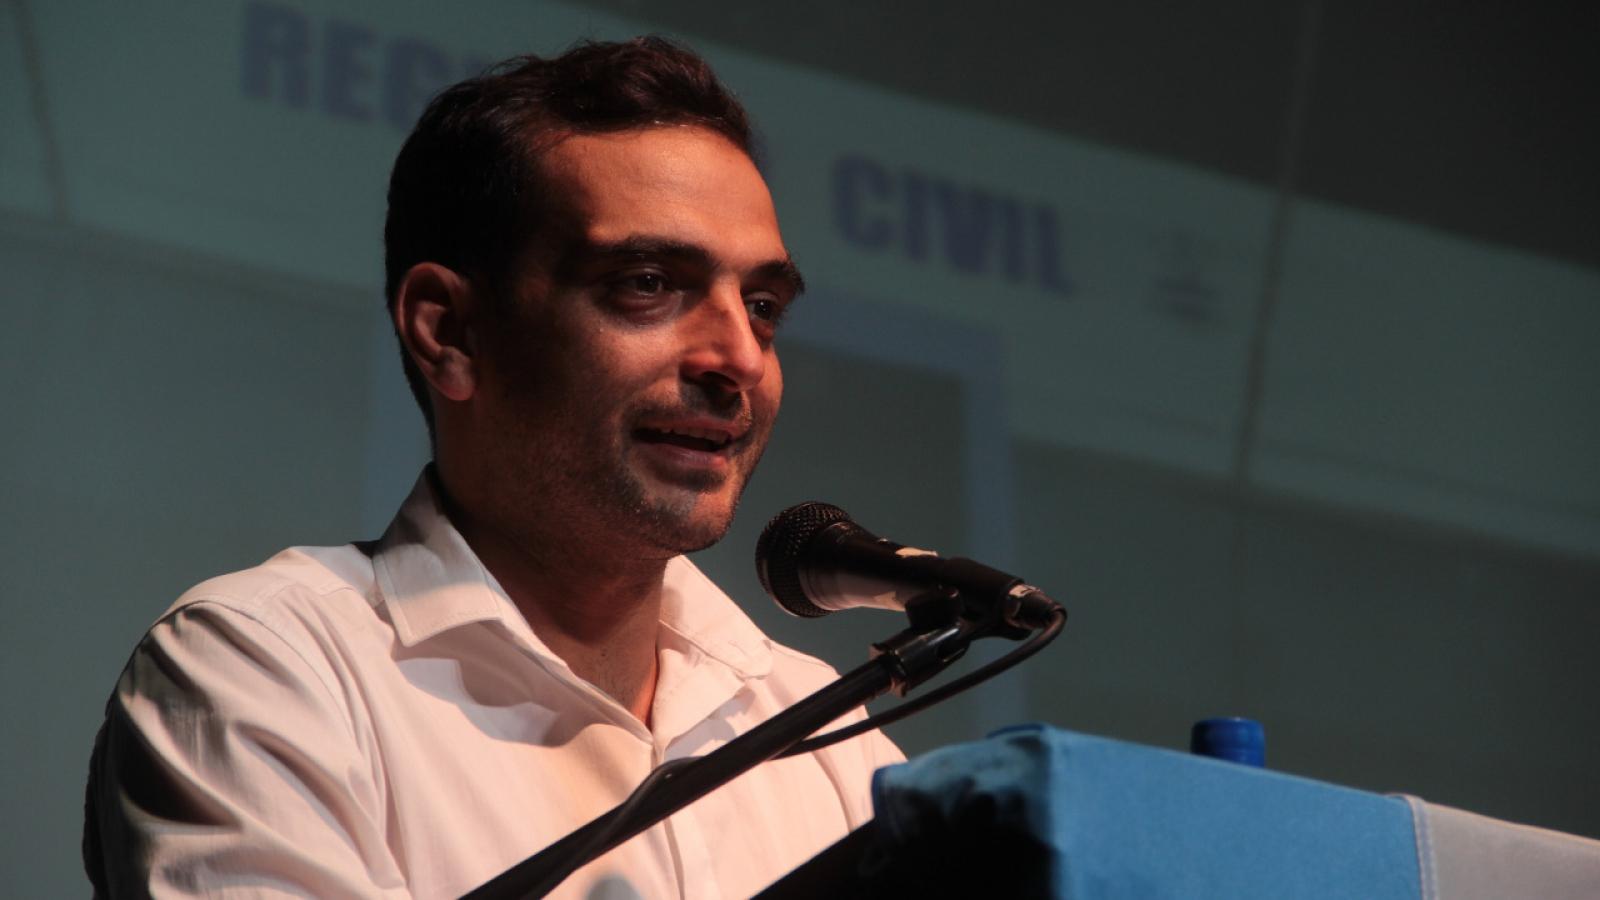 Dario Cesta Intendente Río Segundo 2021 brindando discurso en la apertura de sesiones legislativas